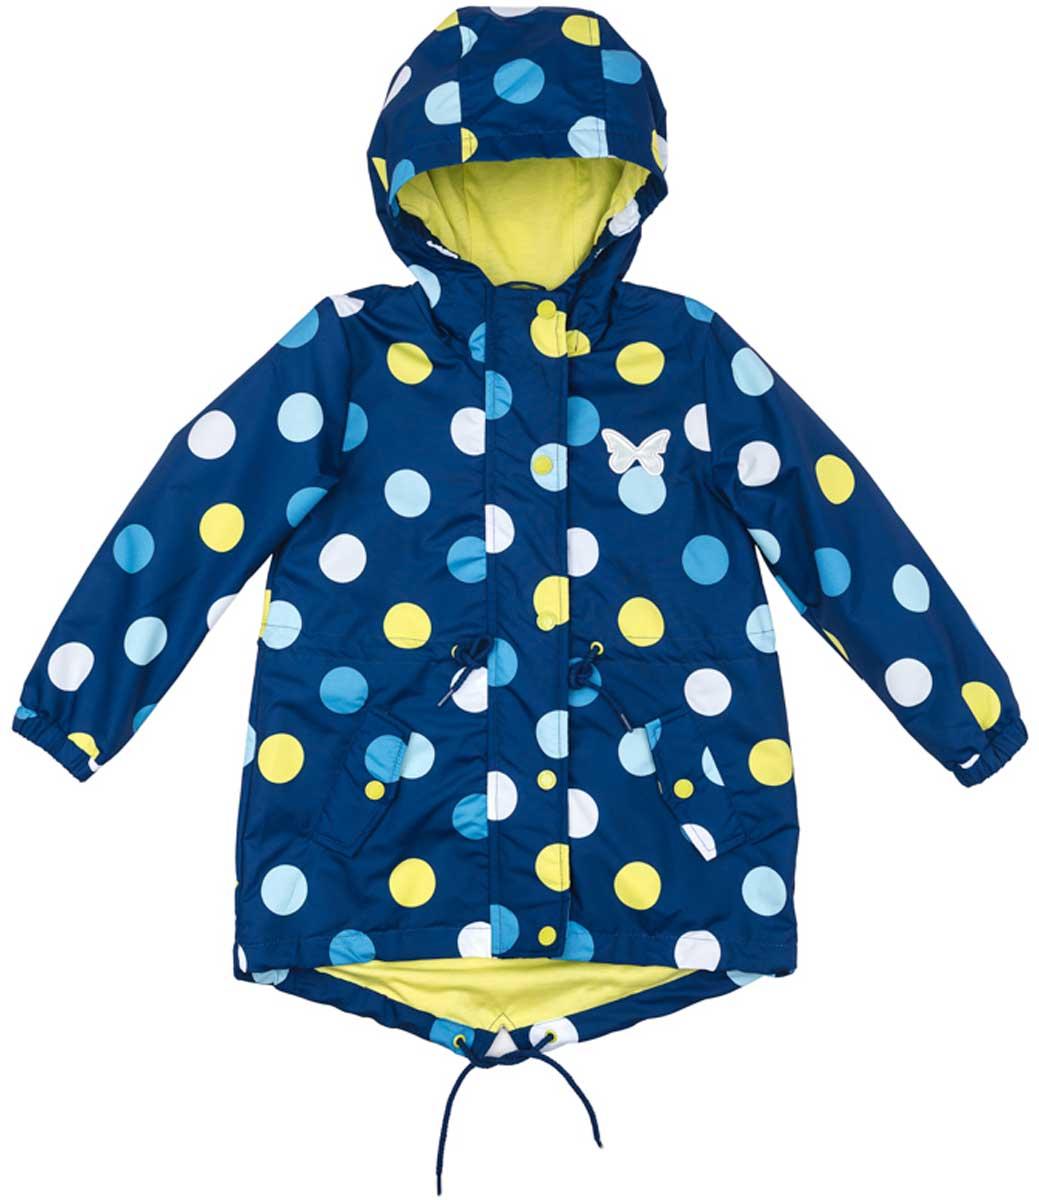 Куртка172101Практичная яркая со специальной водоотталкивающей пропиткой защитит Вашего ребенка в любую погоду! Мягкие резинки на рукавах защитят Вашего ребенка - ветер не сможет проникнуть под куртку. Специальный карман для фиксации застежки-молнии не позволит застежке травмировать нежную кожу ребенка. Модель снабжена удобными регулируемым шнурами - кулисками на капюшоне, талии и по низу изделия. Светоотражатели позволят видеть Вашего ребенка в темное время суток. Преимущества: Водоооталкивающая ткань Защита подбородка. Специальный карман для фиксации застежки-молнии. Наличие данного кармана не позволит застежке -молнии травмировать нежную кожу ребенка Модель снабжена удобными регулируемыми шнурами - кулисками